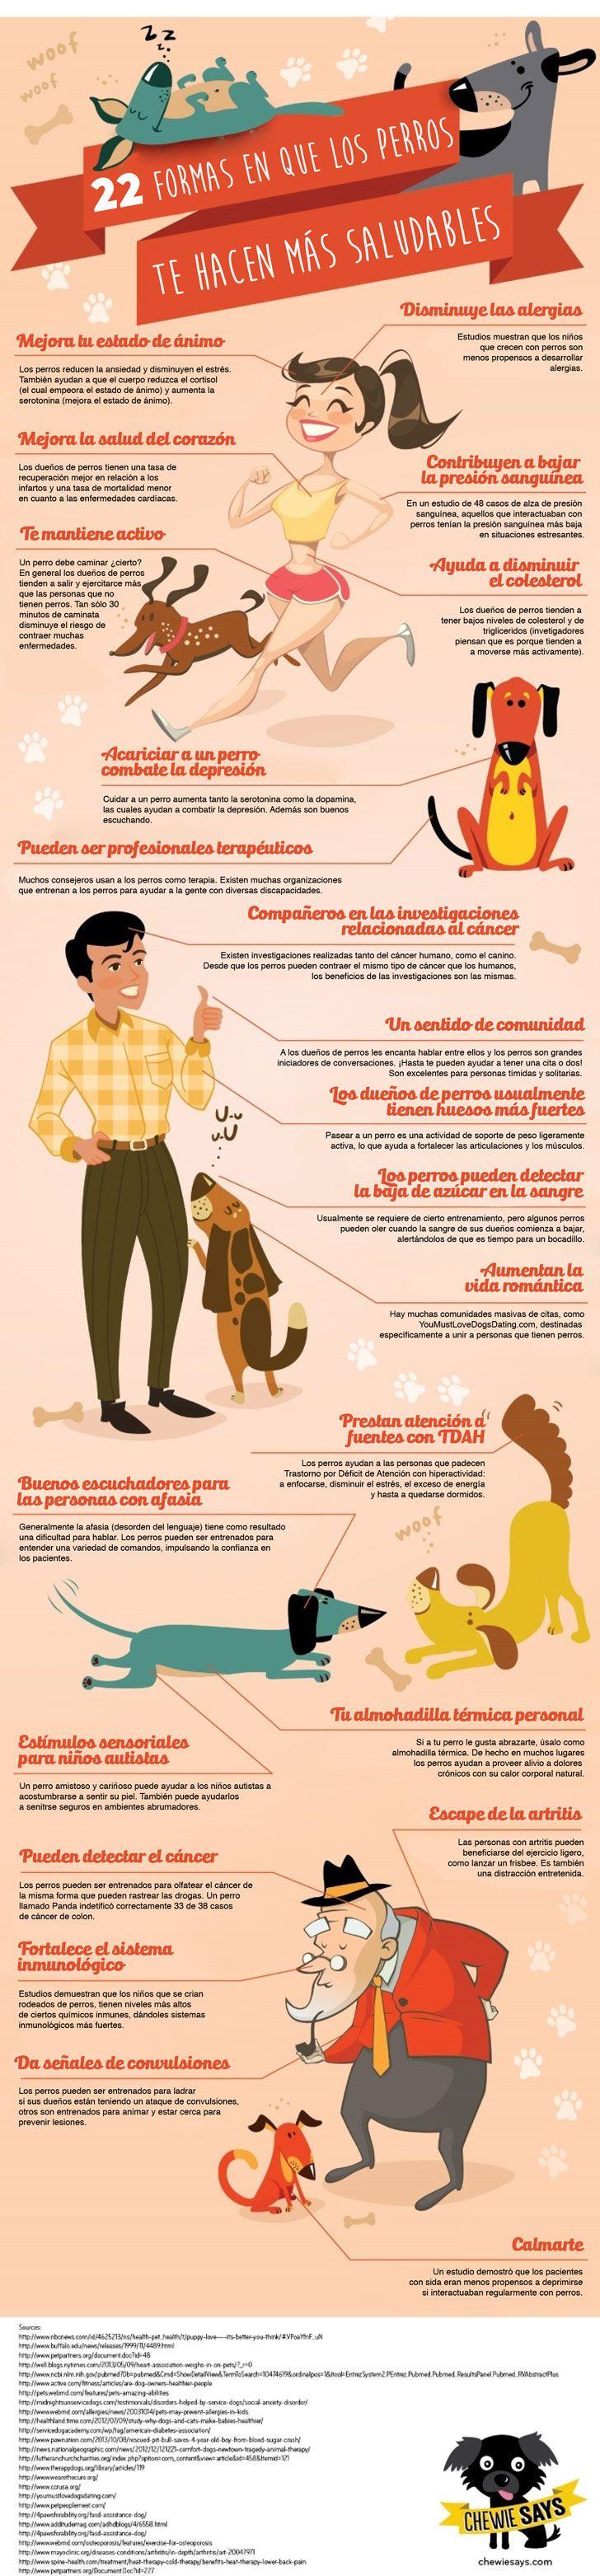 22 formas en que los perros te hacen más saludable - http://www.upsocl.com/verde/no-solo-es-tu-mejor-amigo-tu-perro-tambien-trae-diversos-beneficios-a-tu-salud-2/